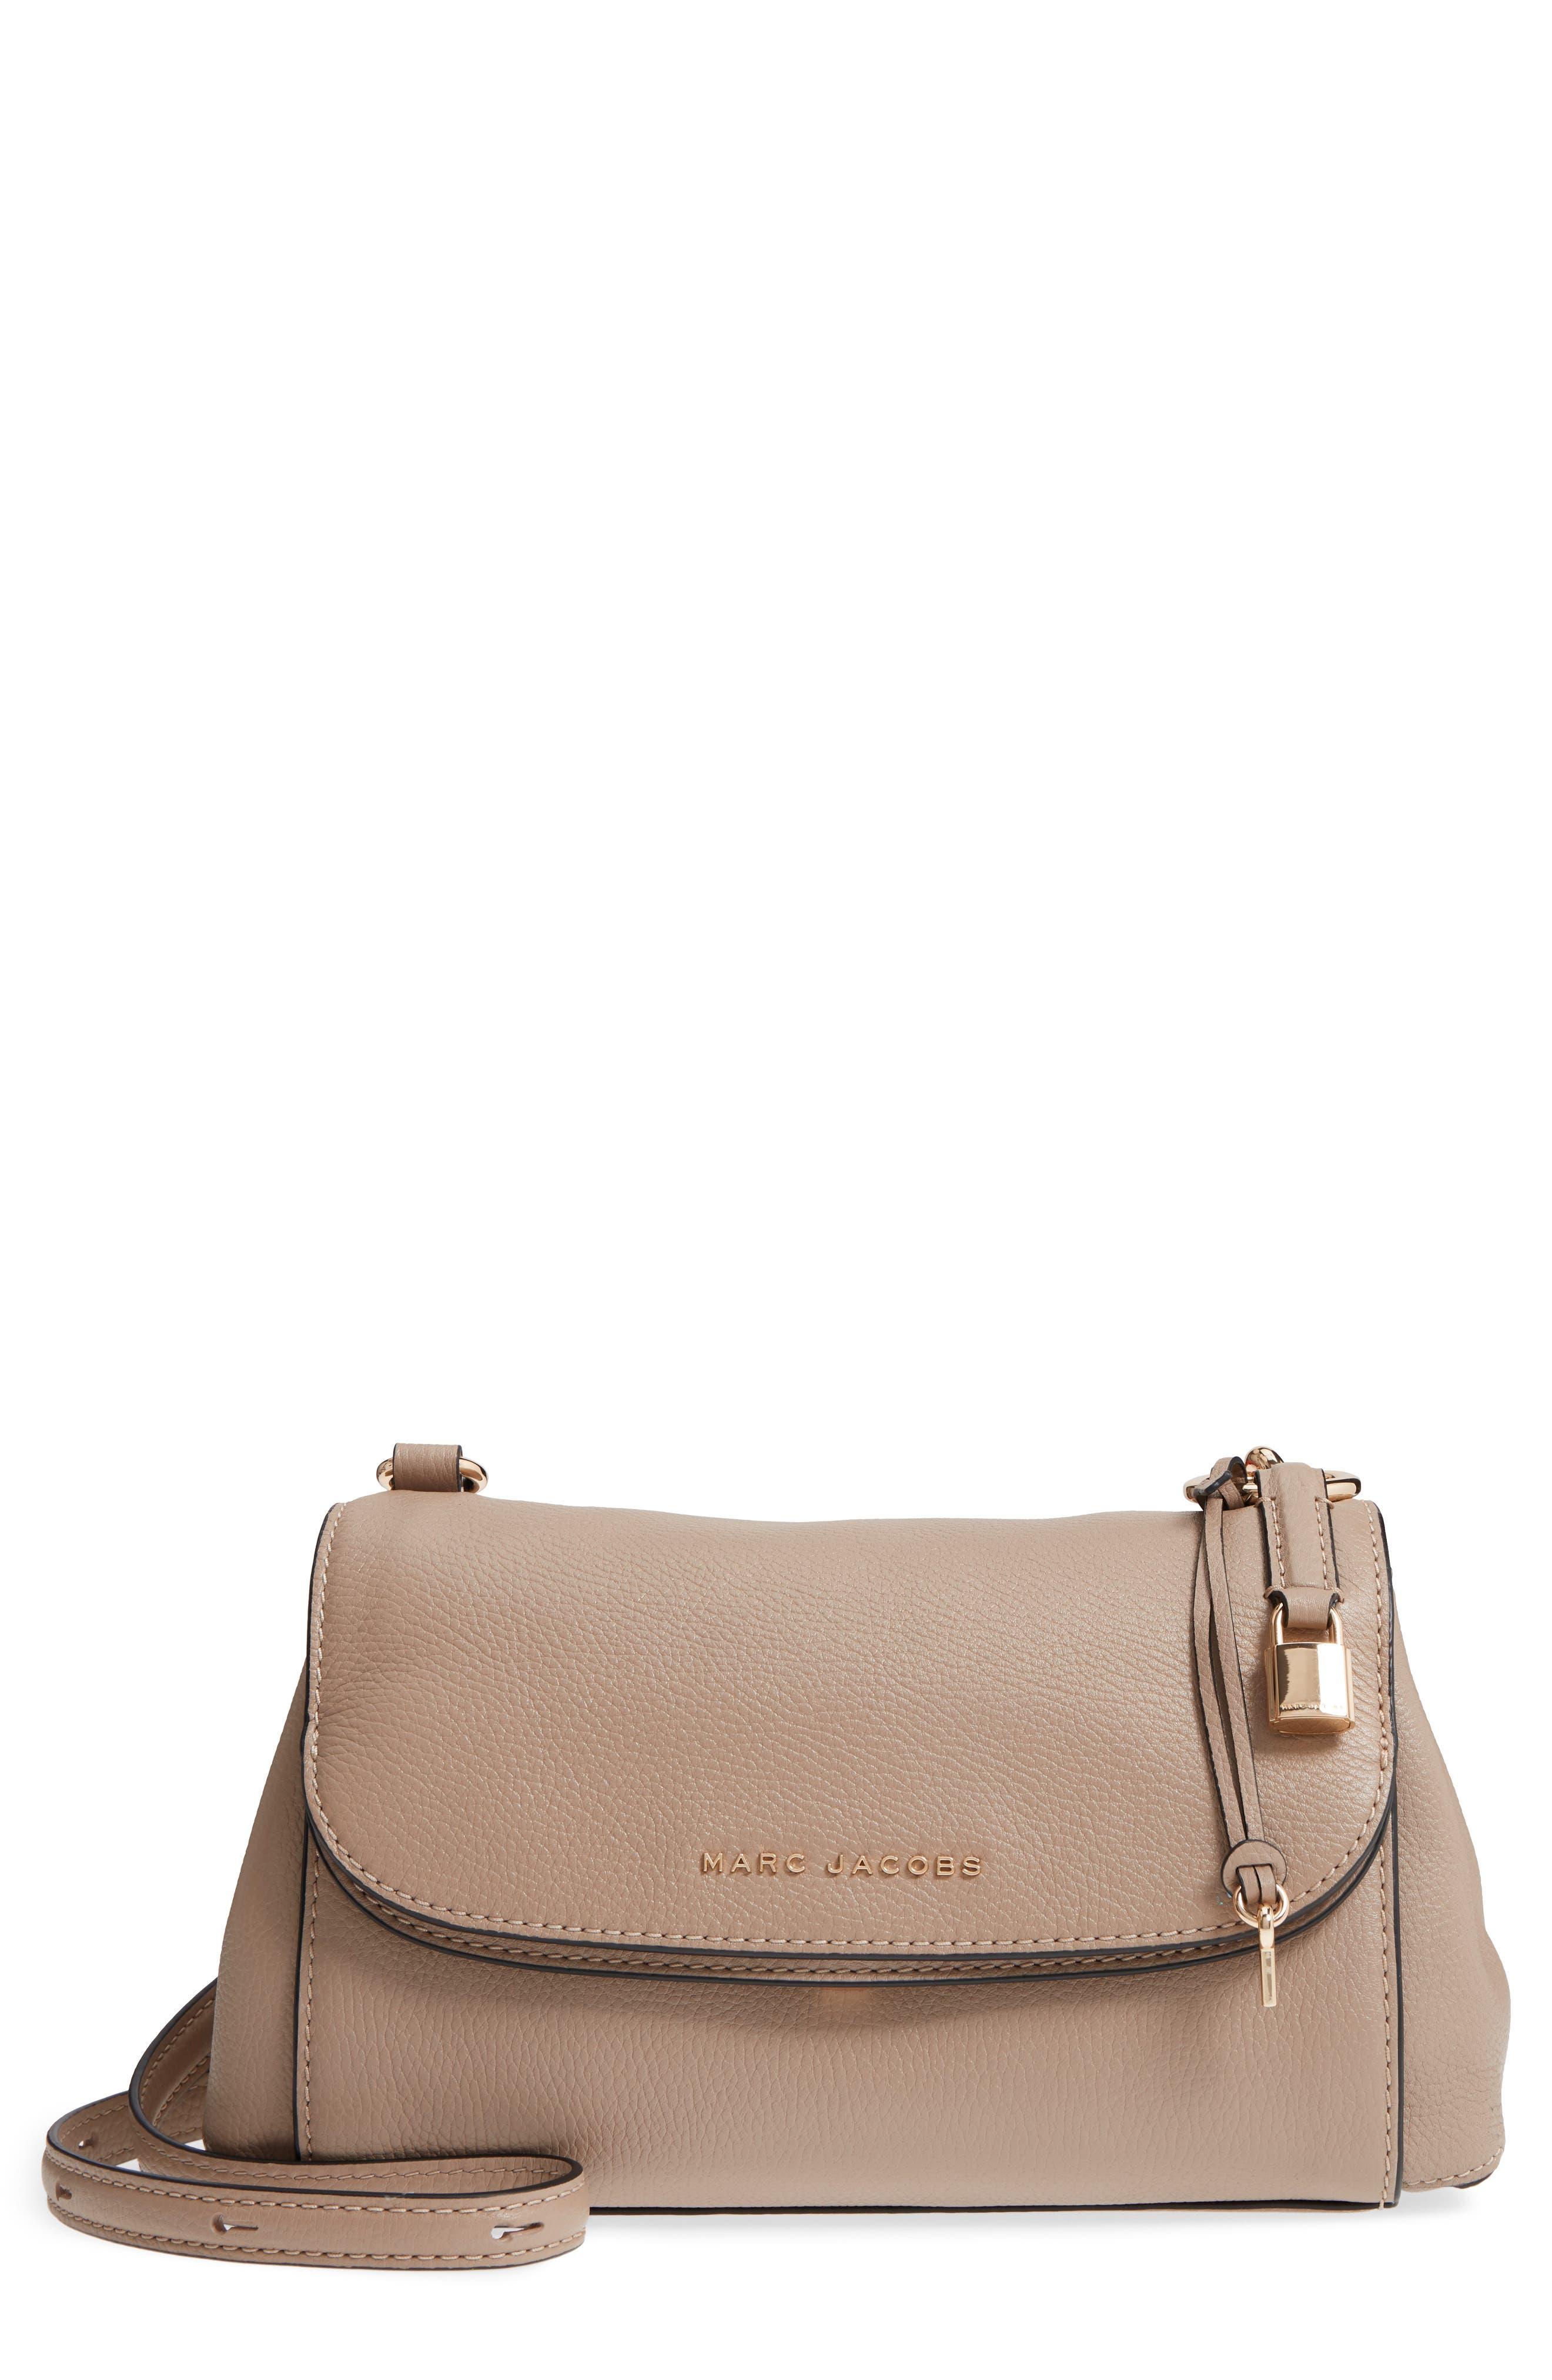 MARC JACOBS The Grind Boho Leather Shoulder Bag